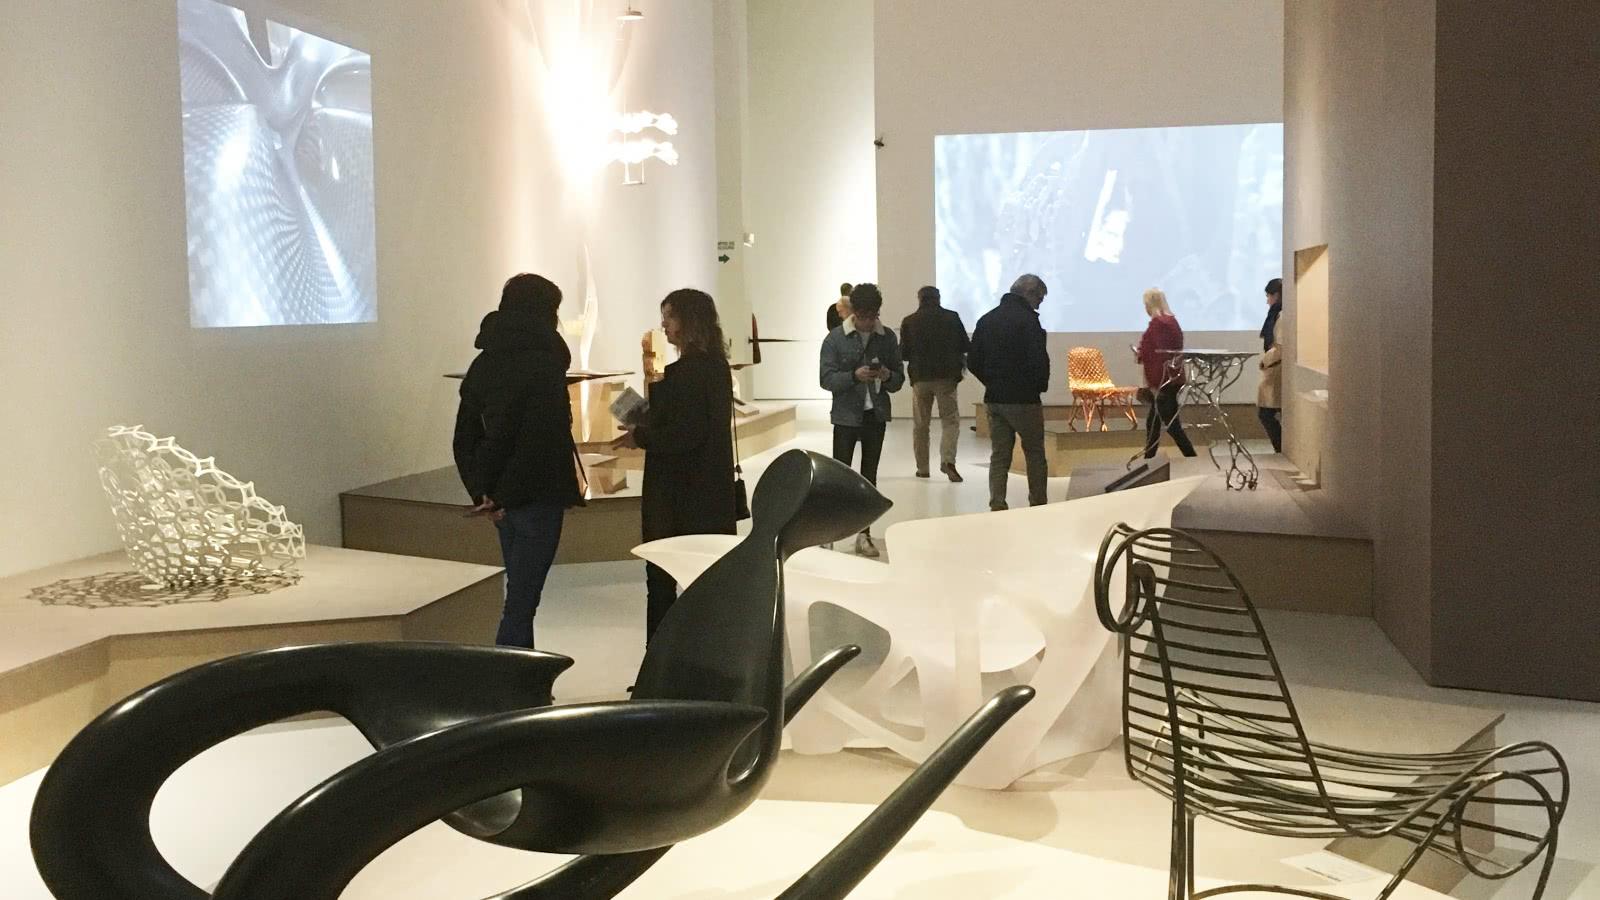 Musée d'art moderne et contemporain de Saint-Etienne Métropole